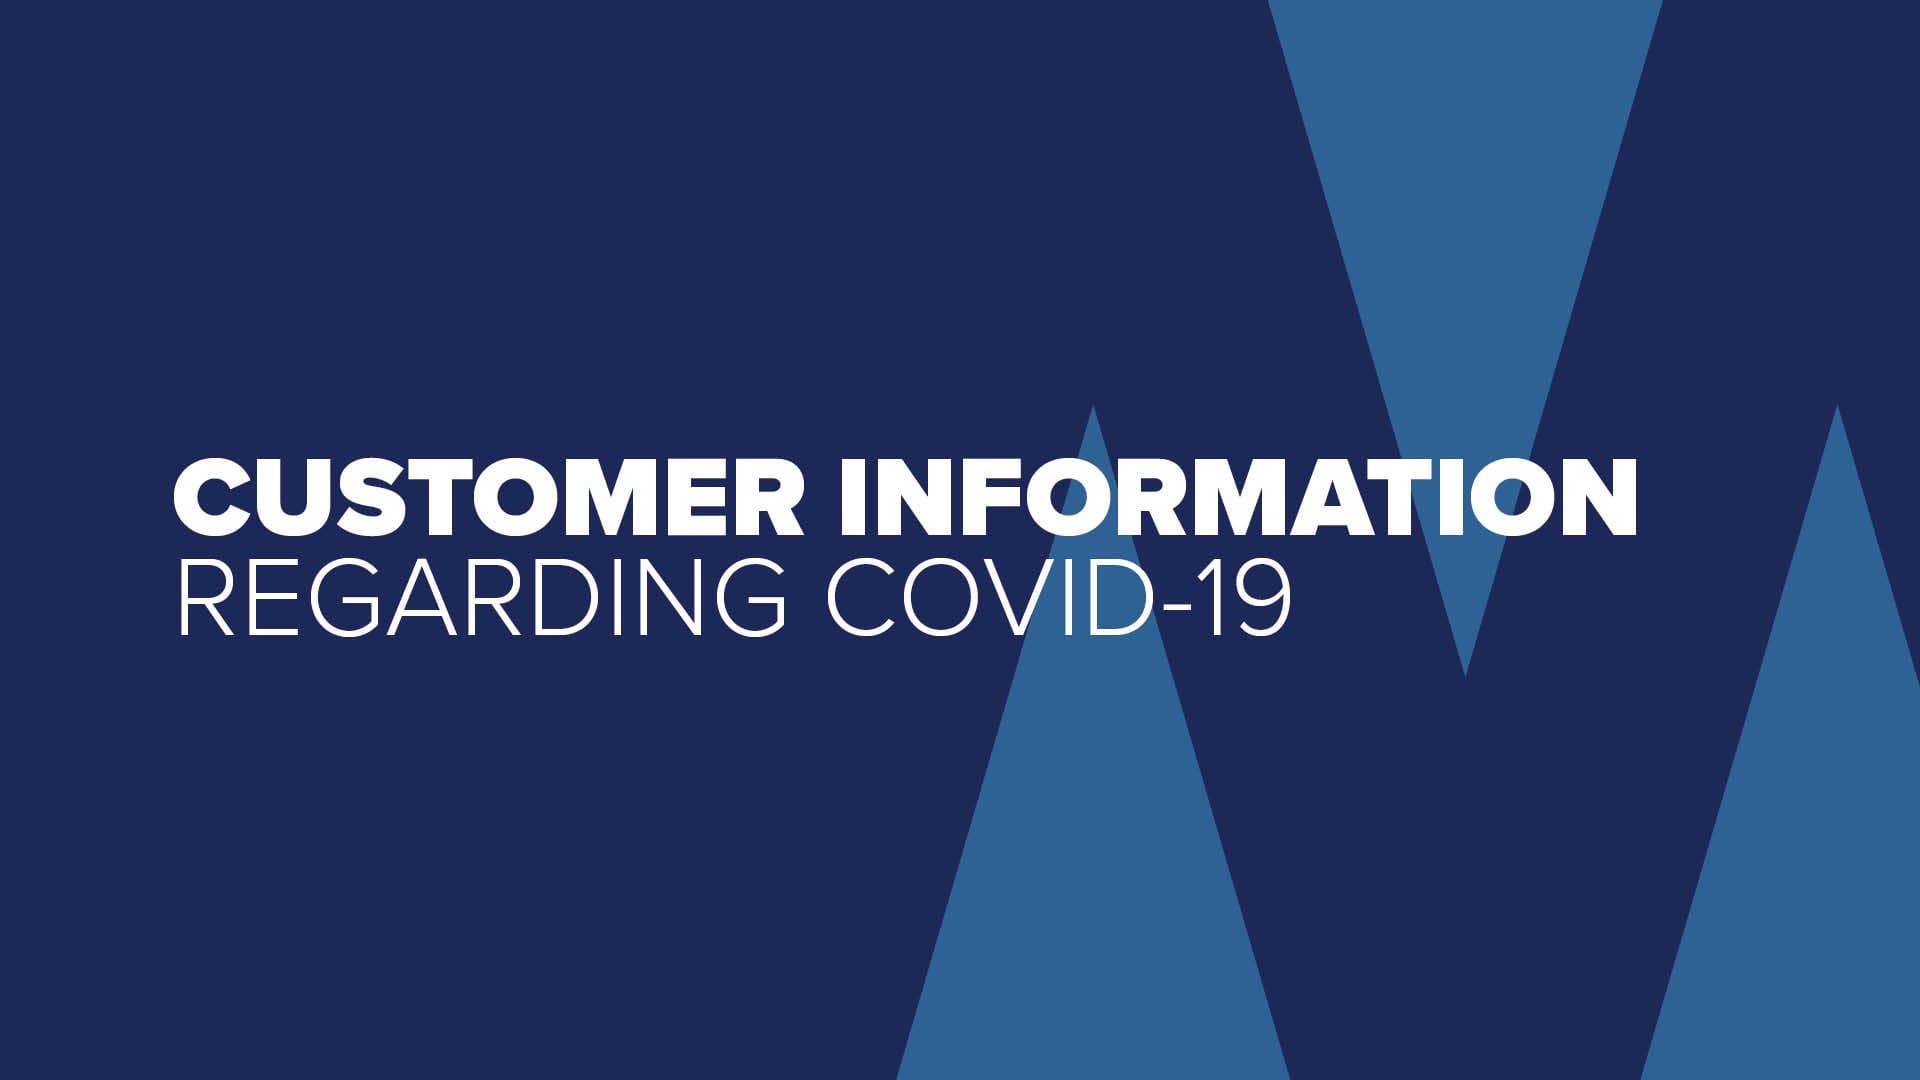 Customer Information Regarding COVID 19